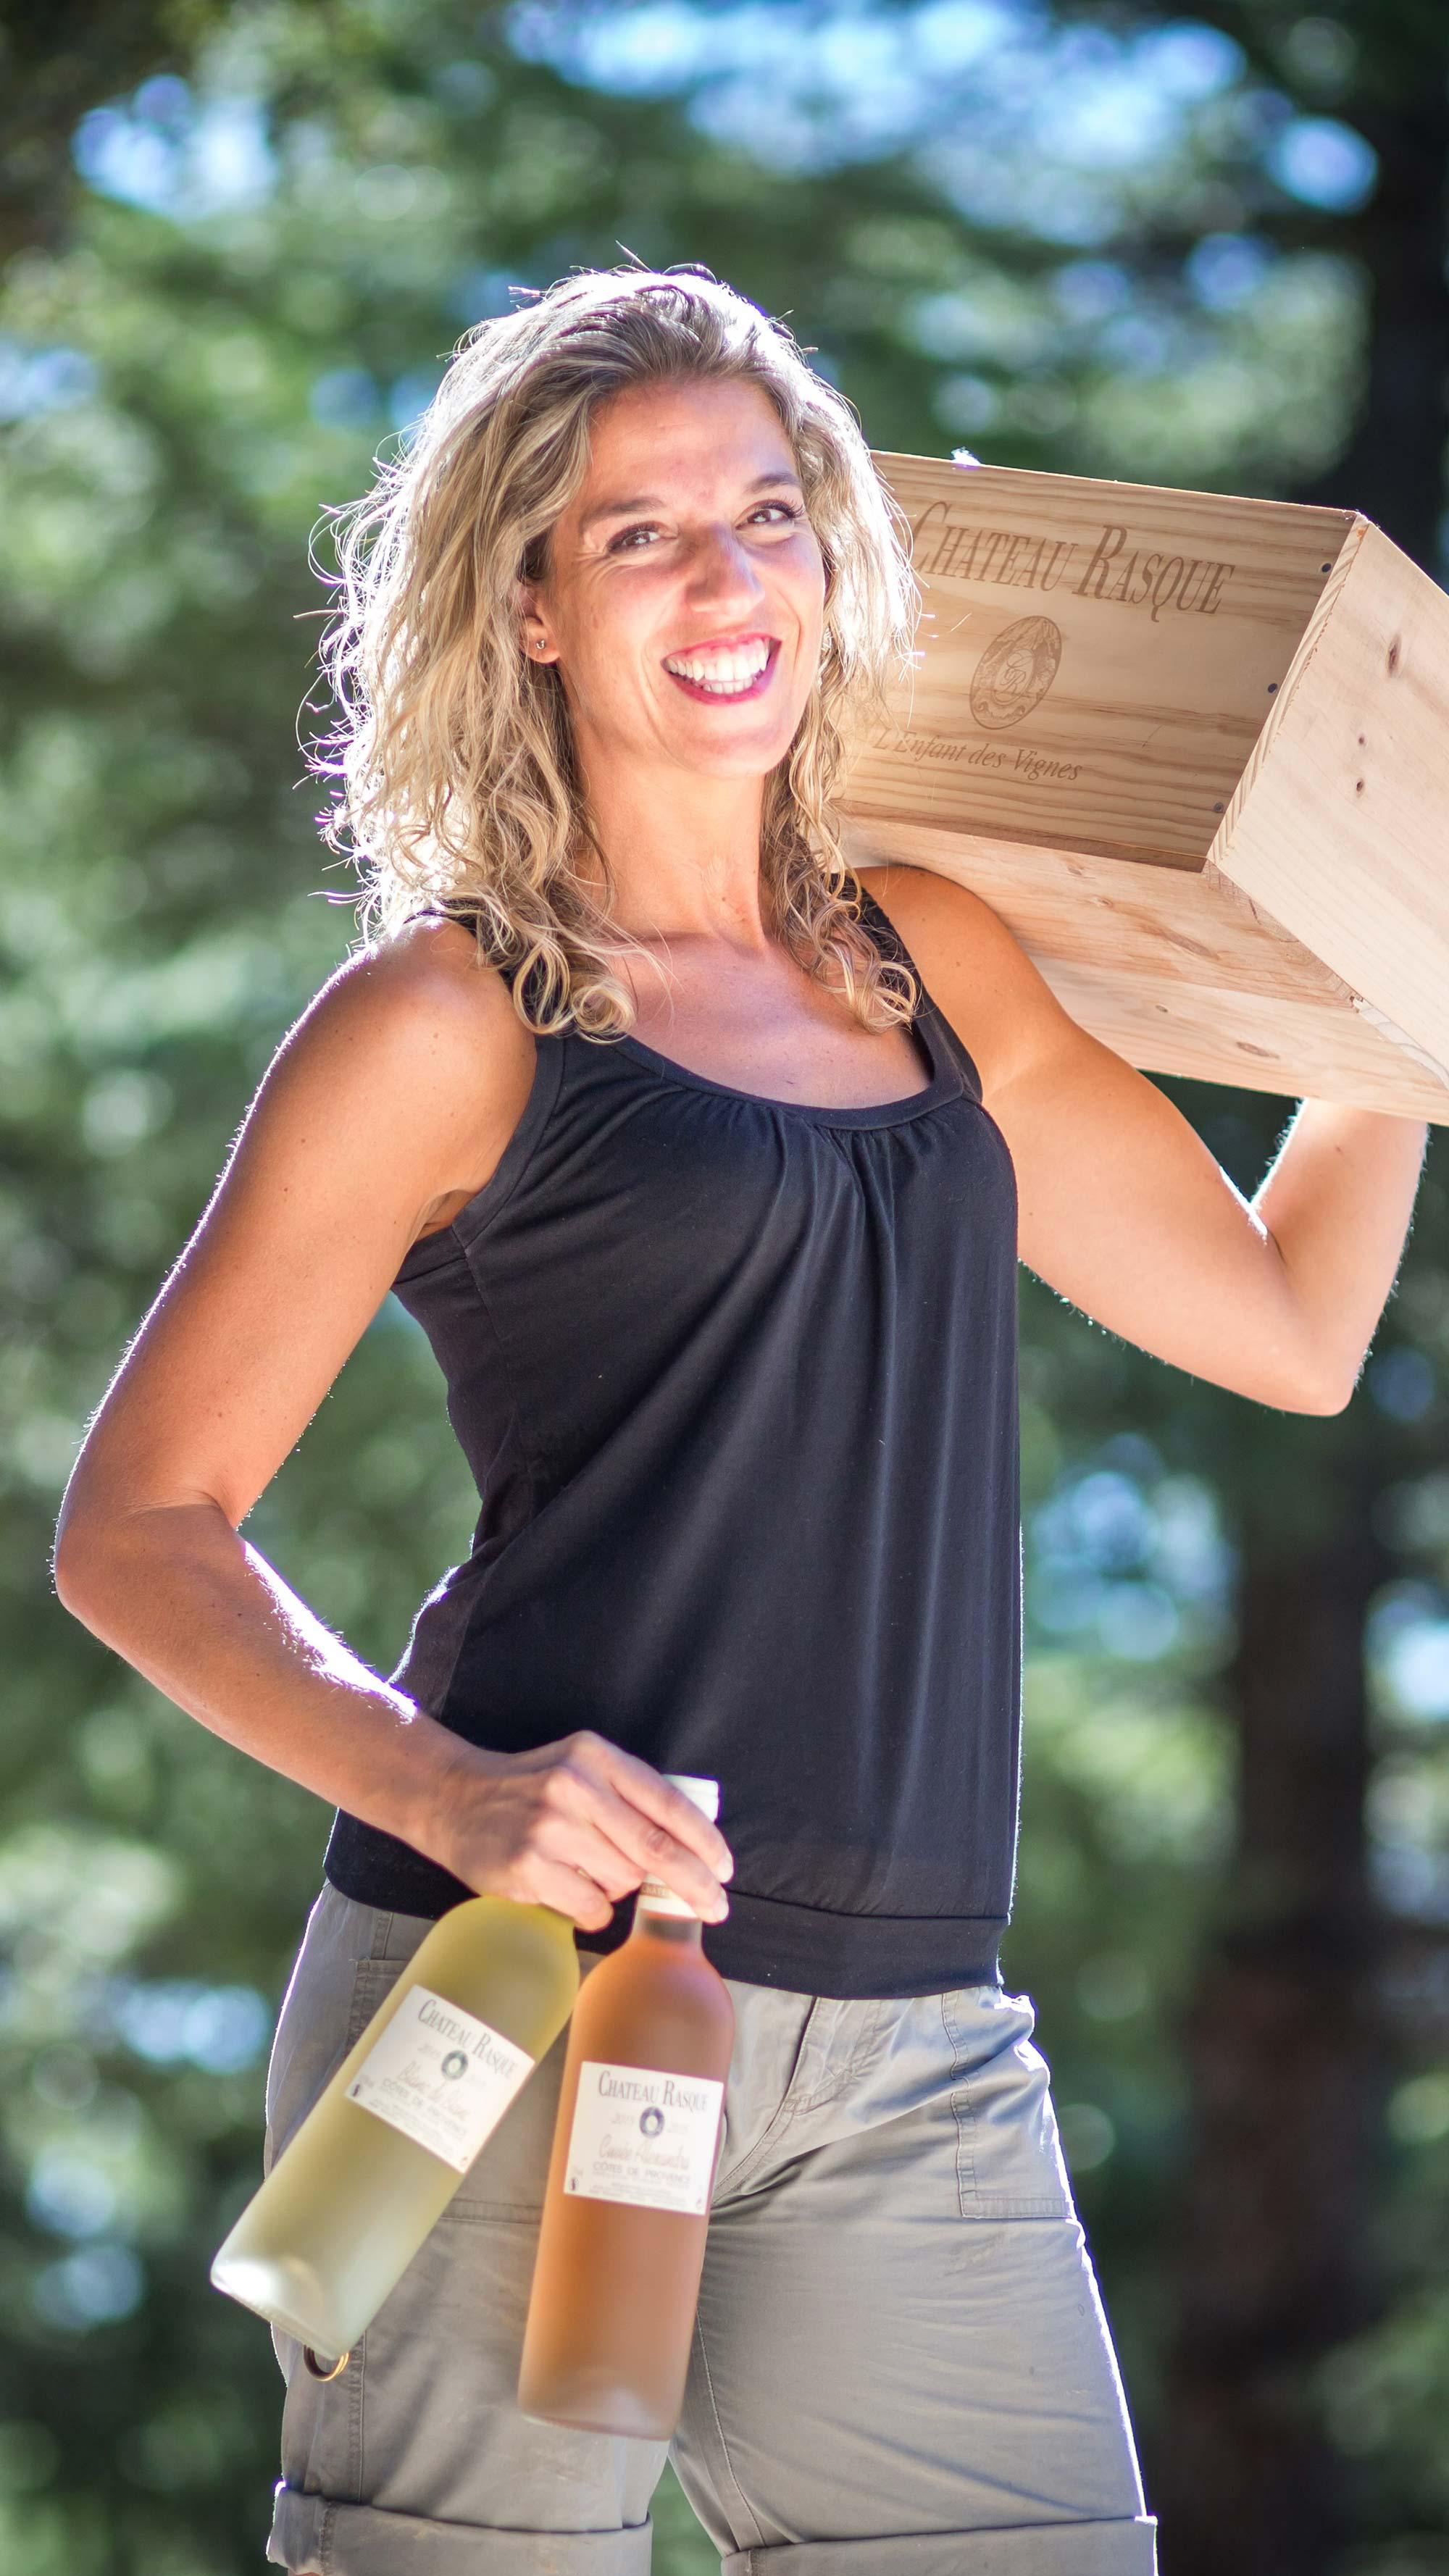 Femme tenant une caisse de vin sur l'épaule avec le bras gauche et deux bouteilles de vin (un blanc et un rosé) dans la main gauche